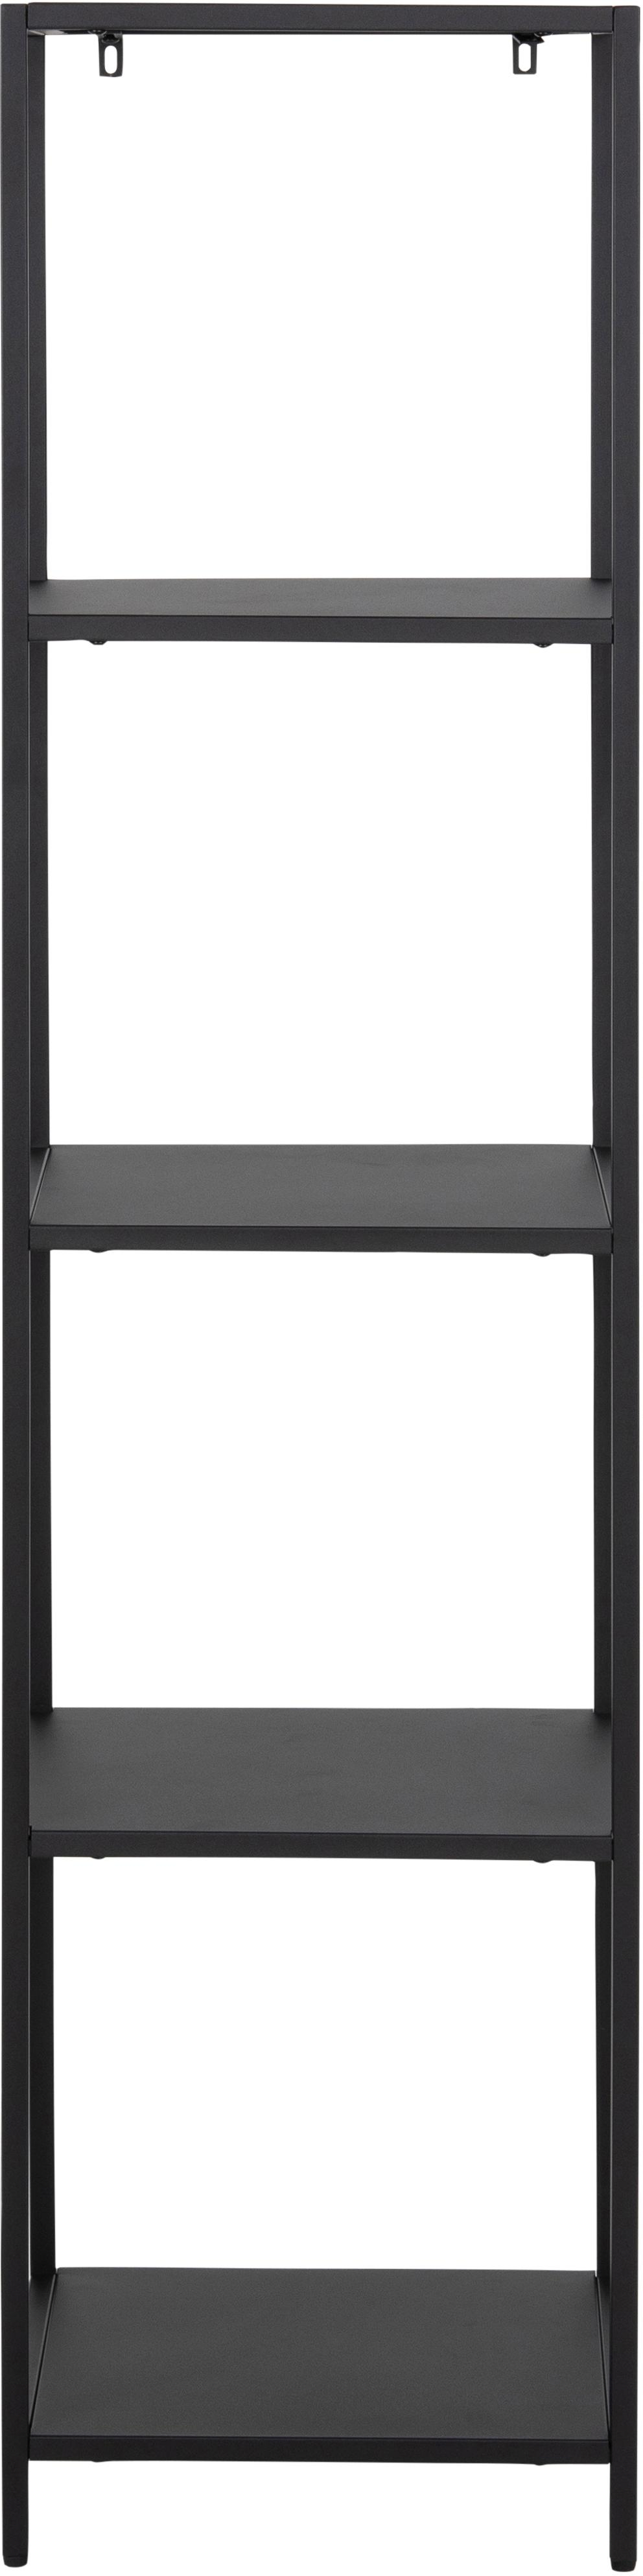 Metall-Standregal Newton in Schwarz, Metall, pulverbeschichtet, Schwarz, 35 x 146 cm